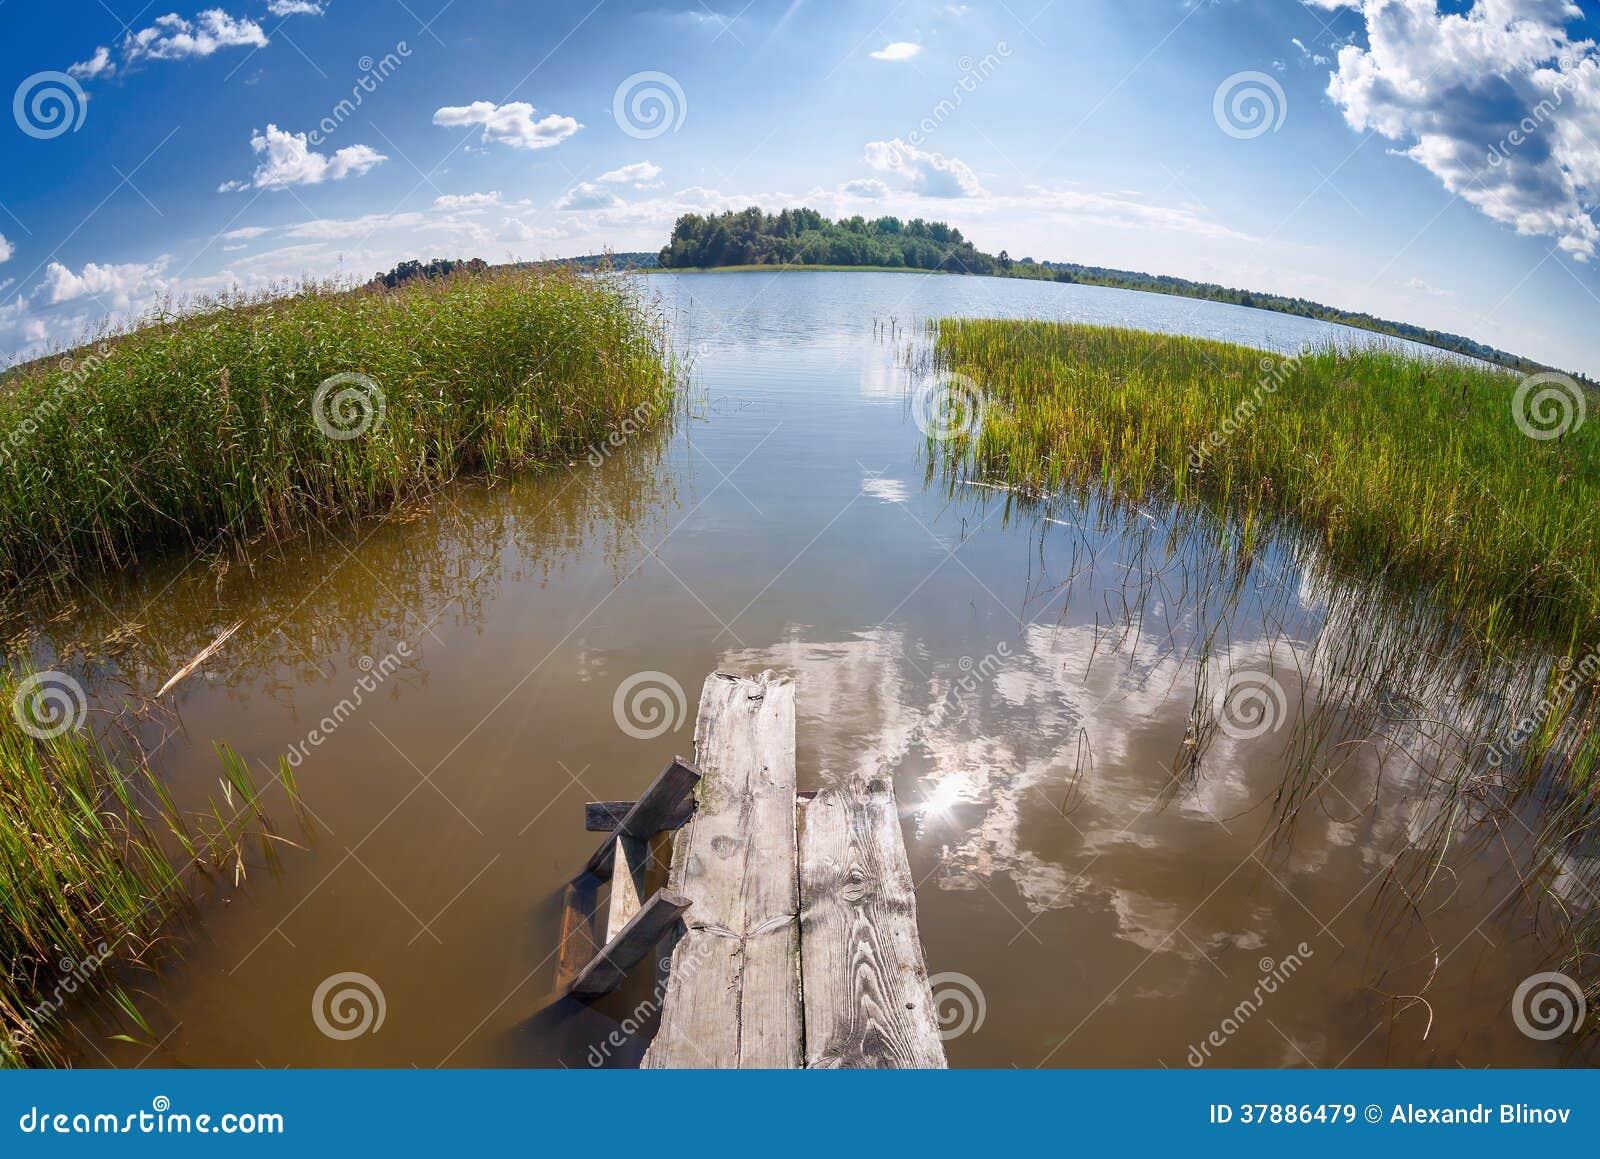 De zomerlandschap met meer en houten brug